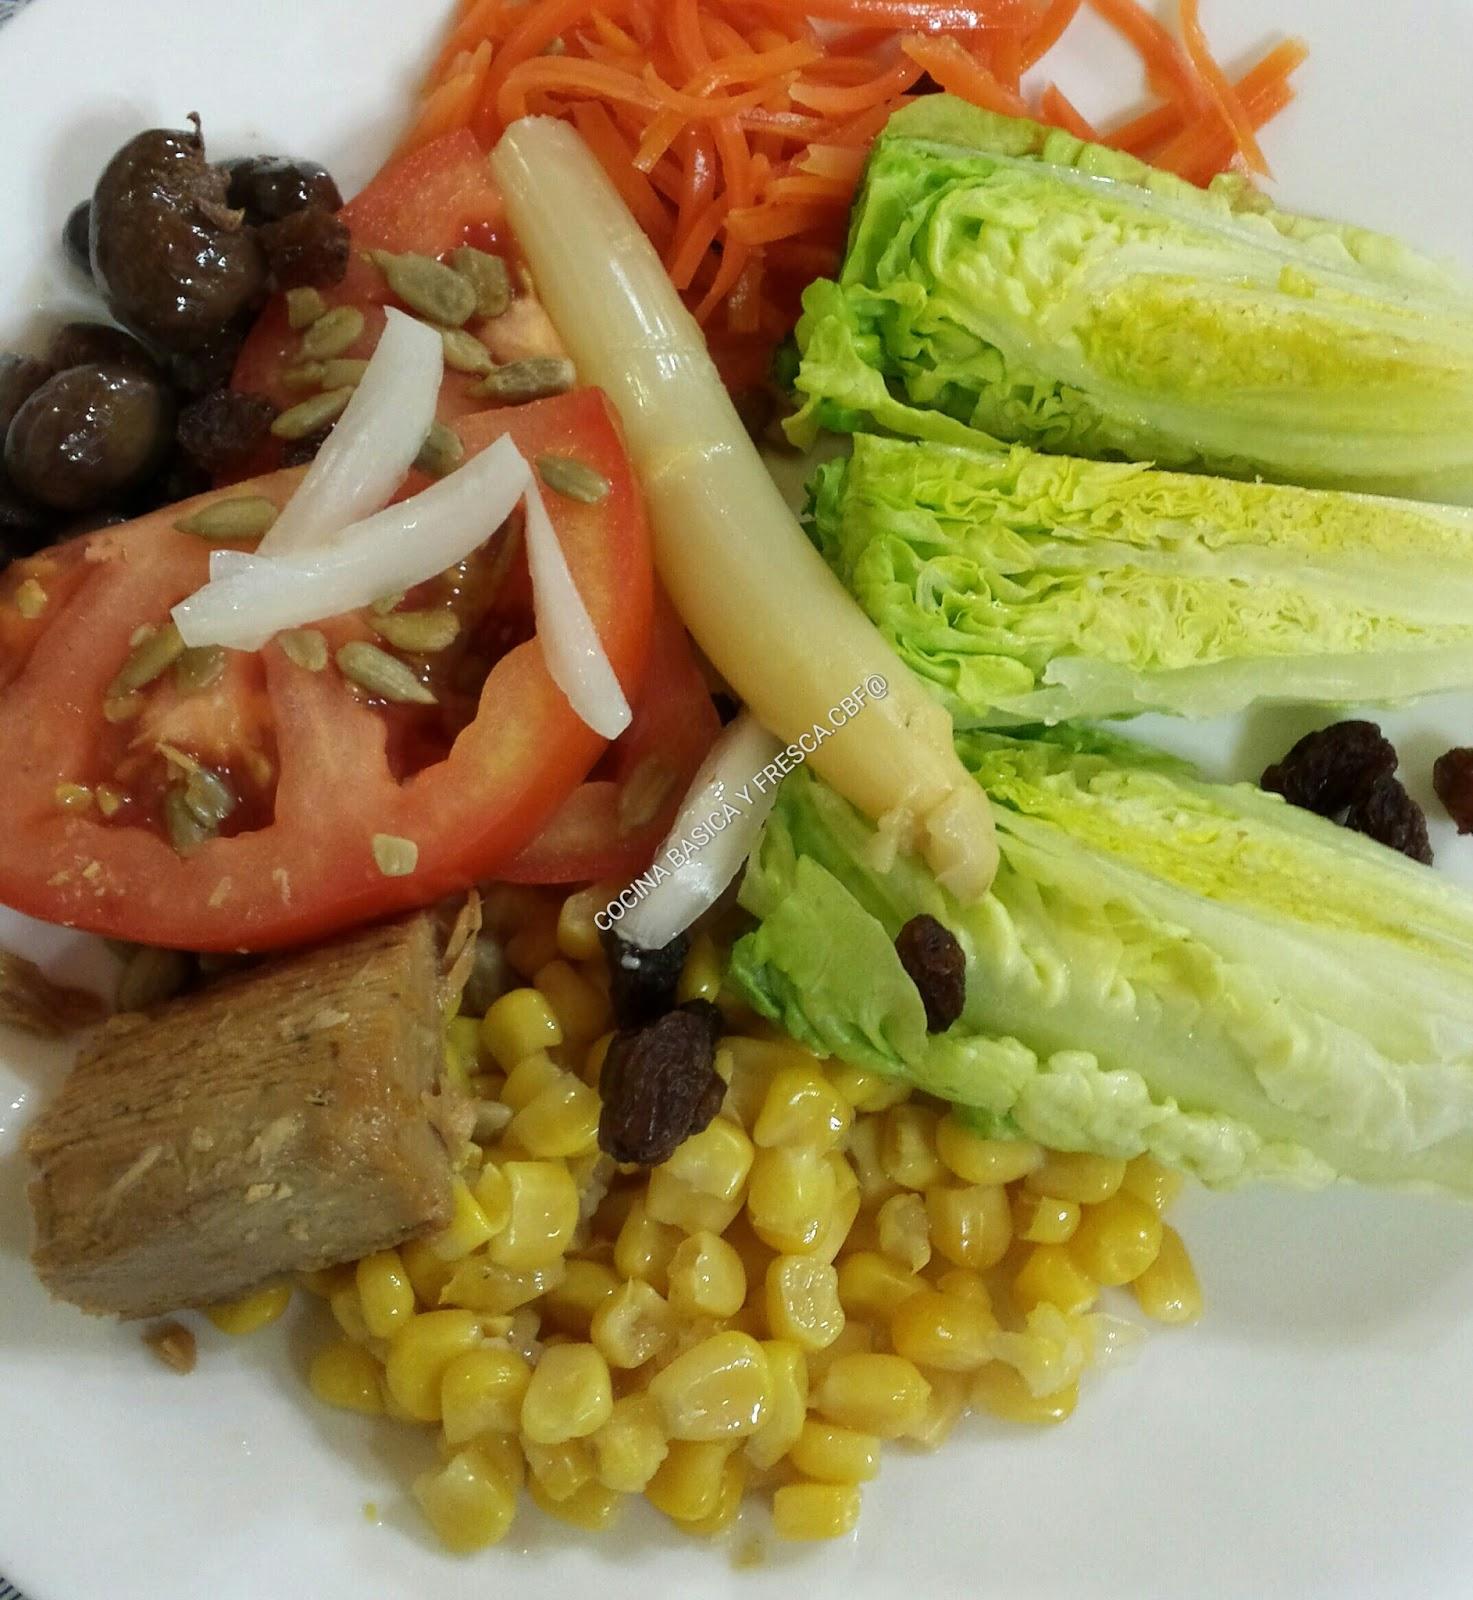 Cocina casera y rapida ensalada de cogollos con semillas cbf - Cocina casera facil y rapida ...